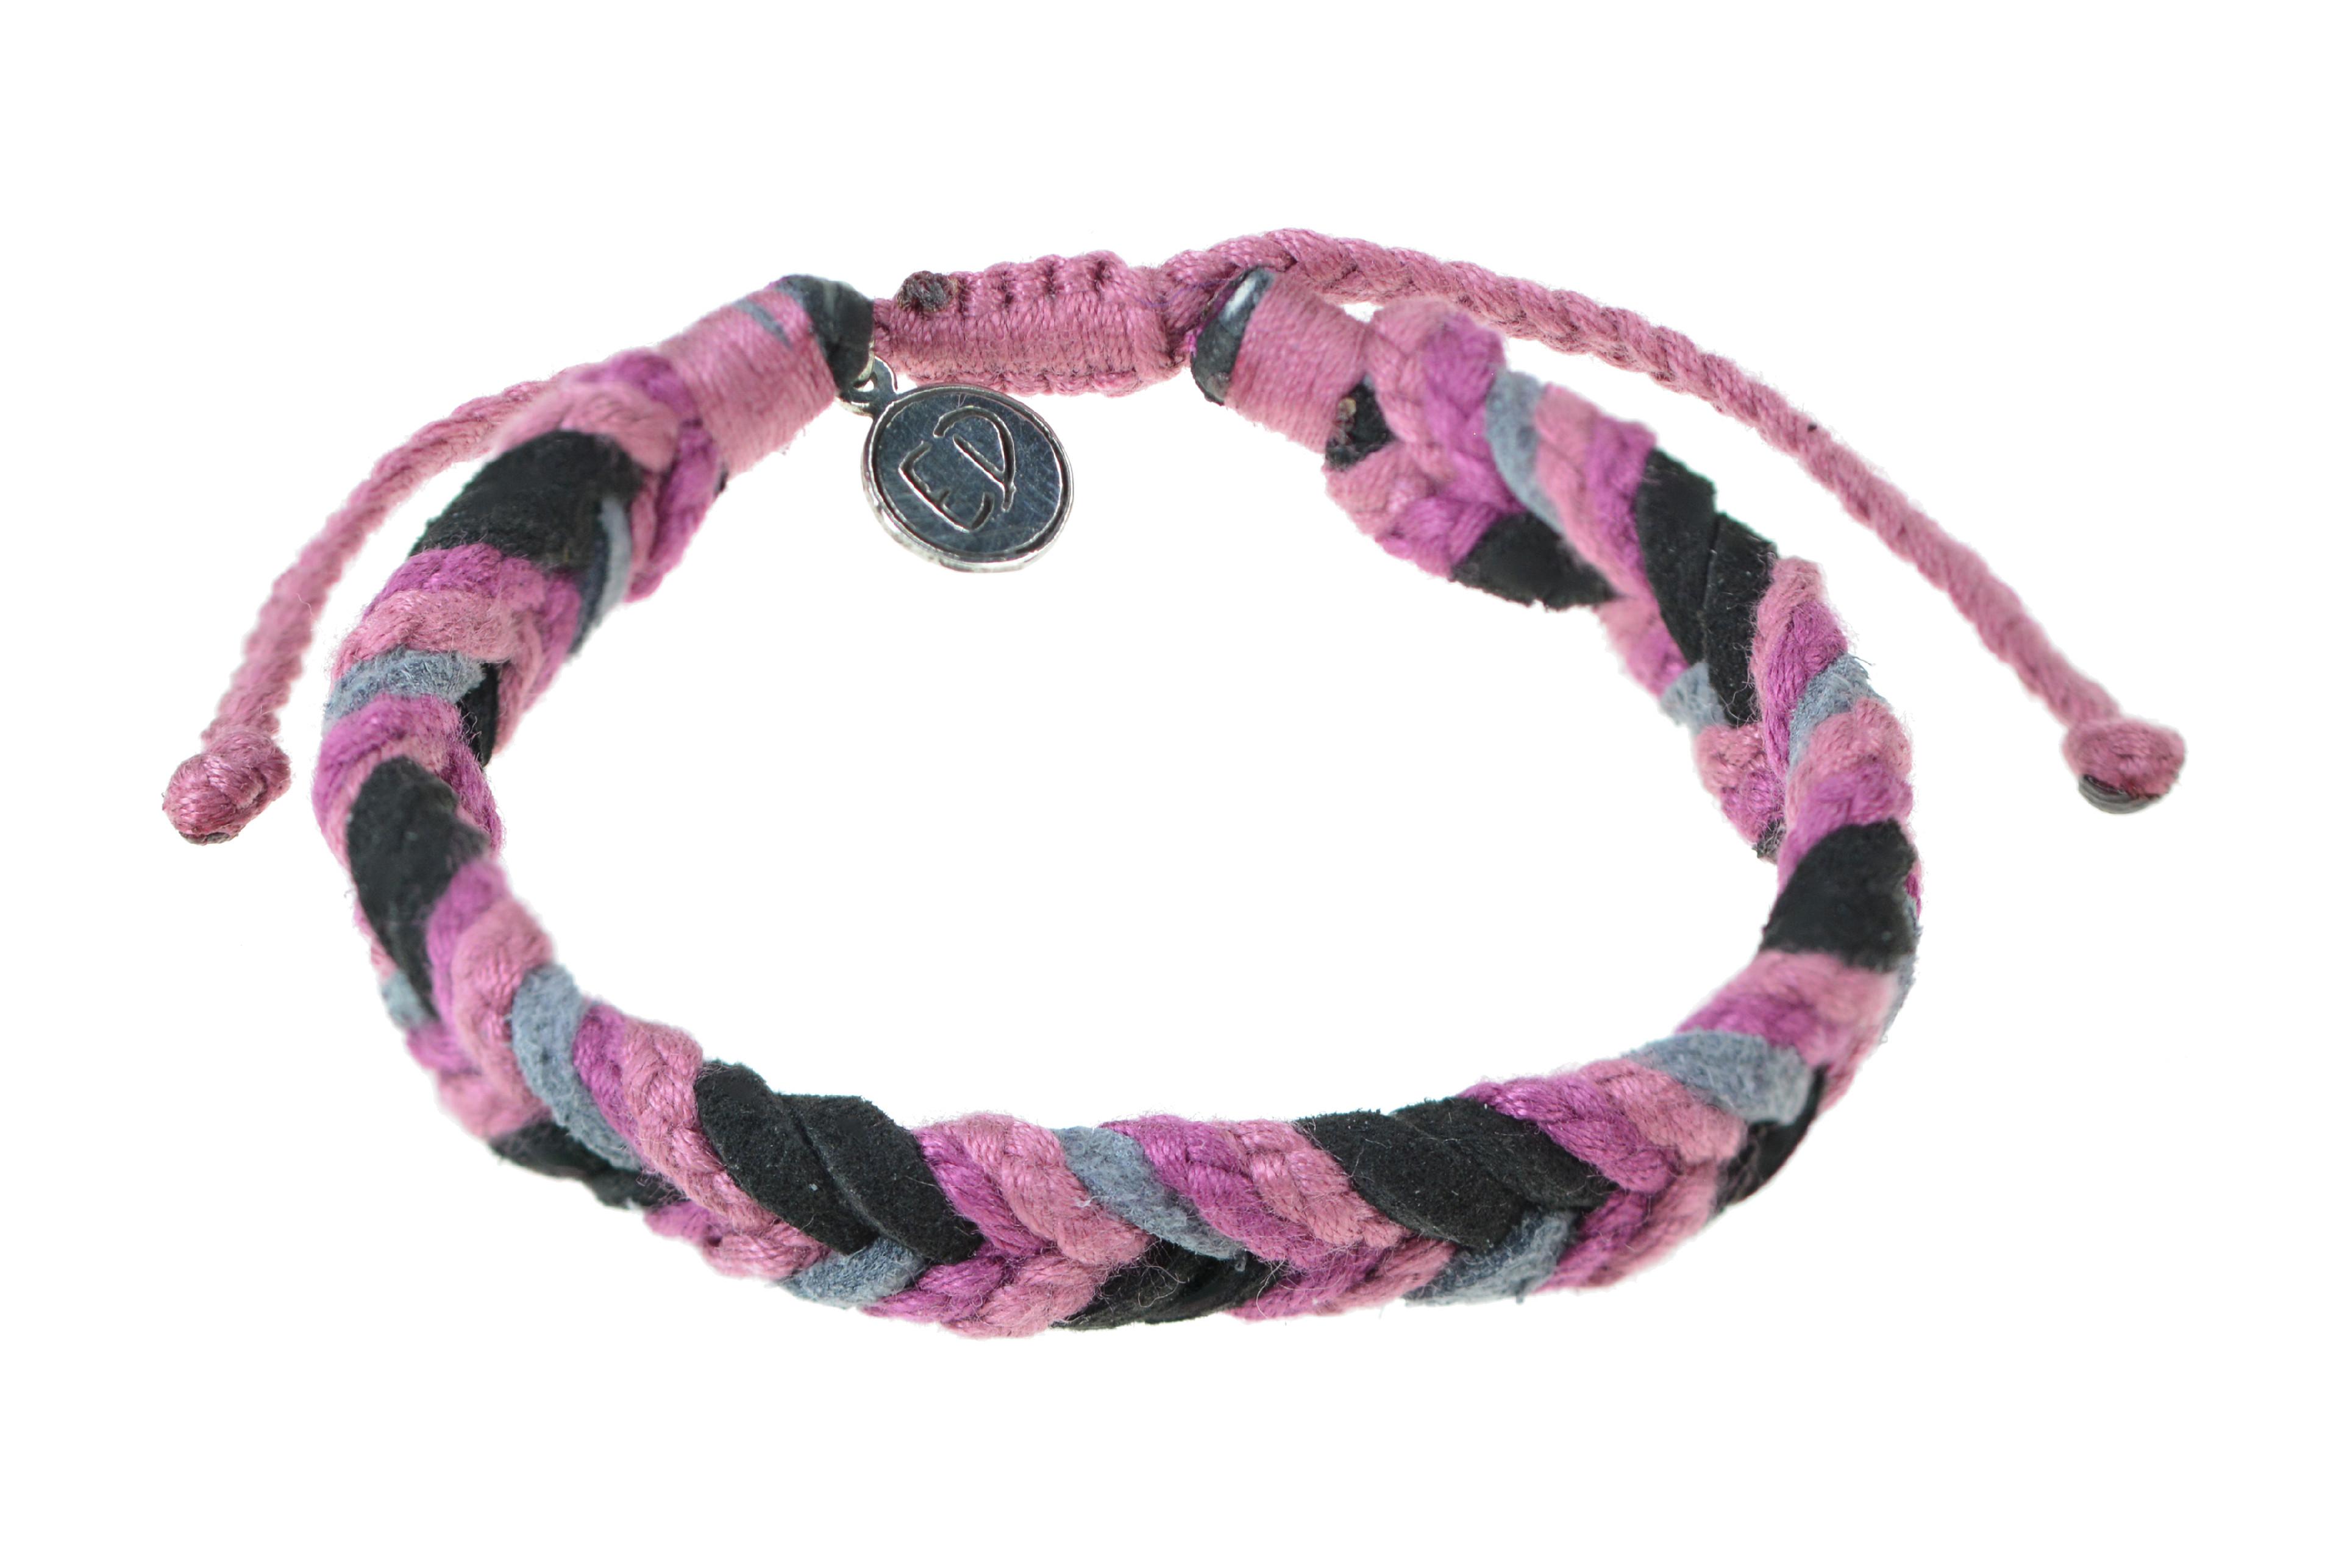 Unisex ručne pletený náramok viacfarebný - ružová, sivá, čierna